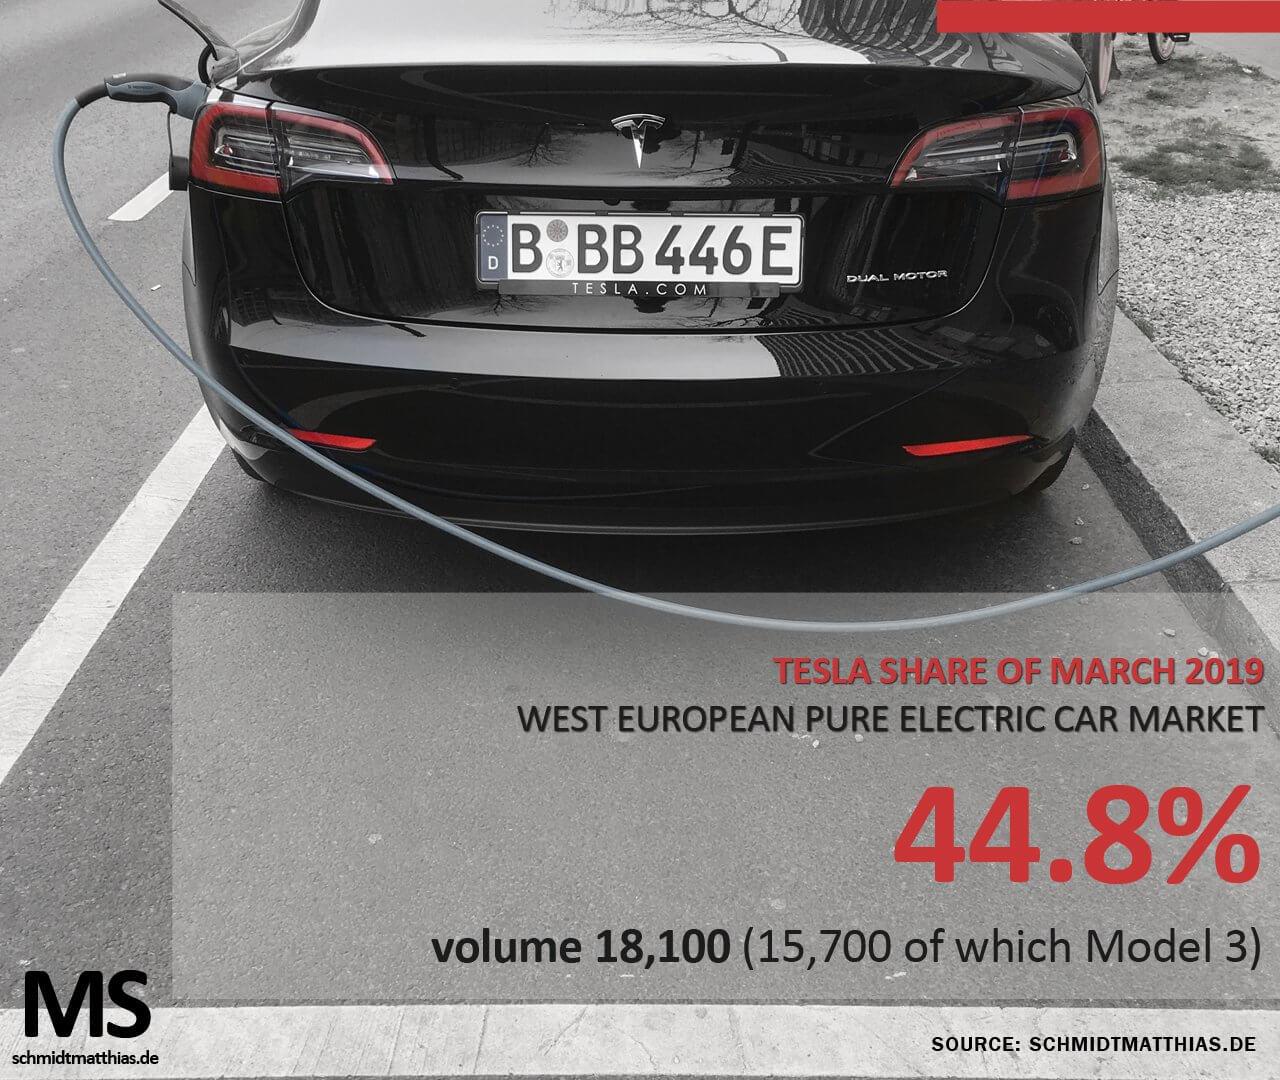 Tesla занимает 45% европейского рынка электрокаров в марте